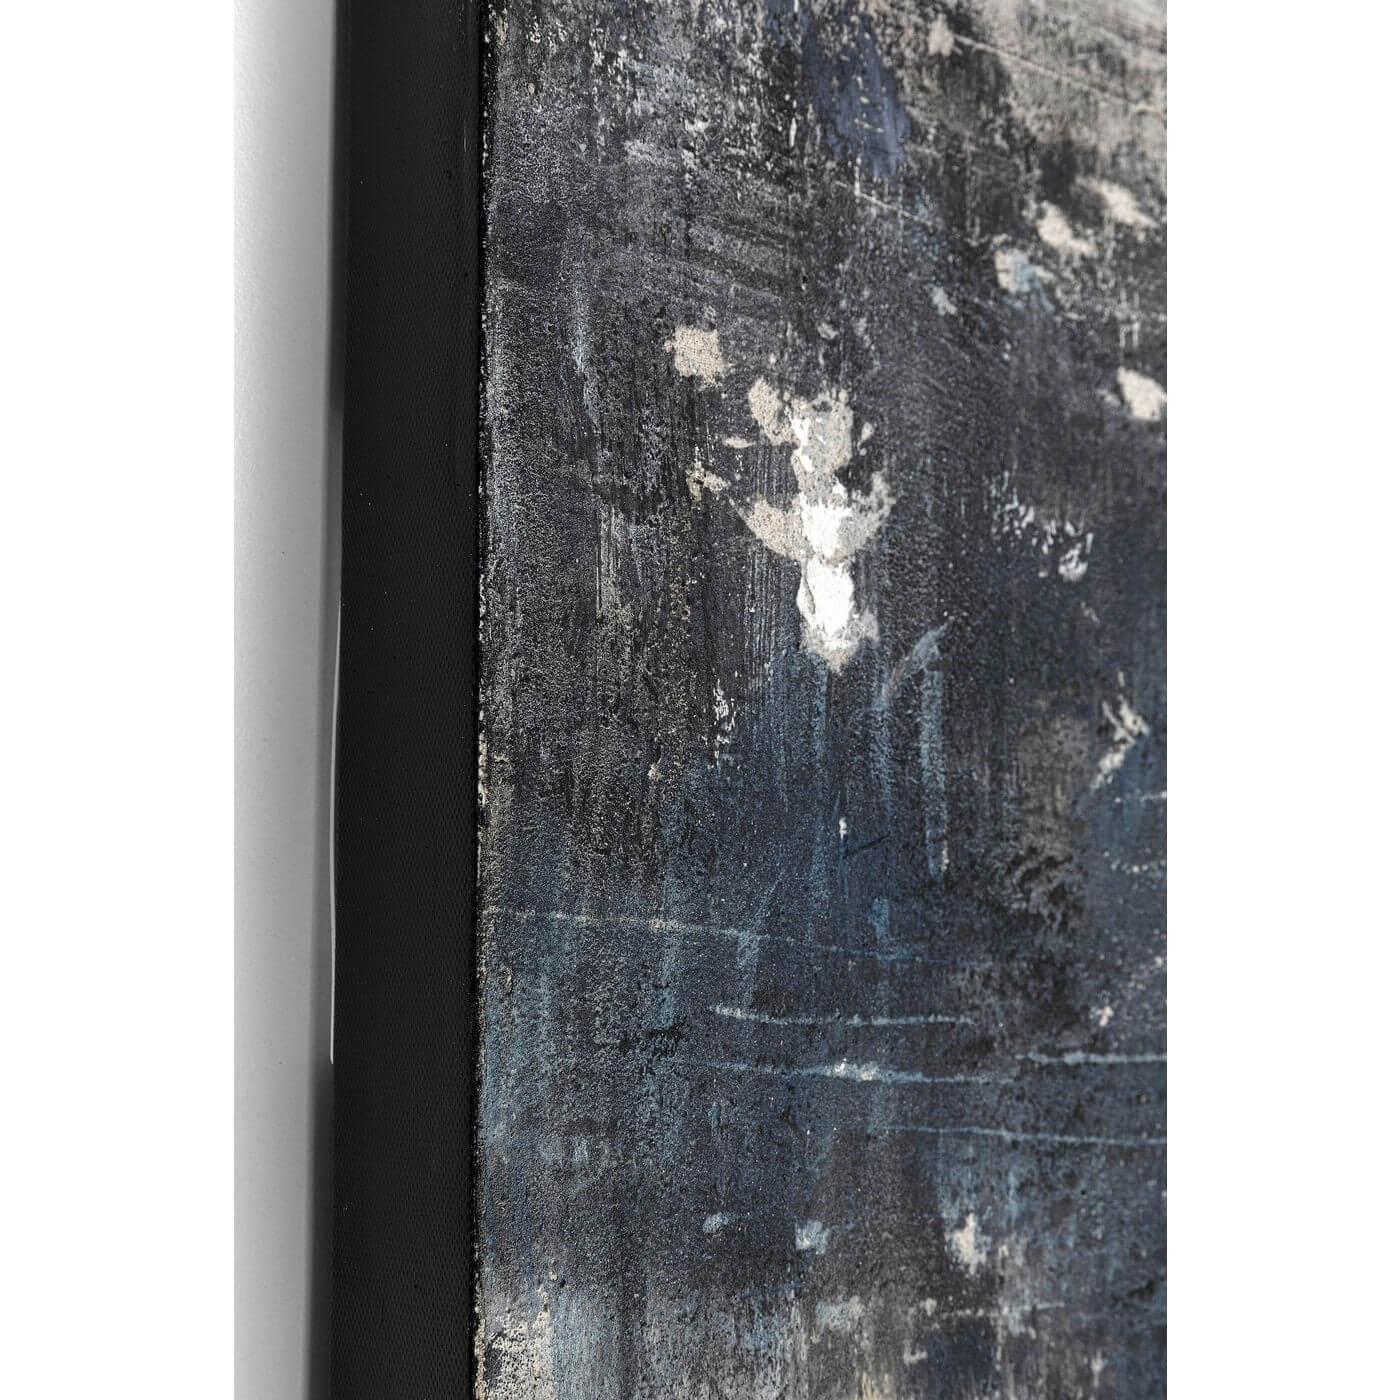 Kare design into the sea abstrakt akryl maleri - blå/grå nuancer (120x90) fra kare design på boboonline.dk